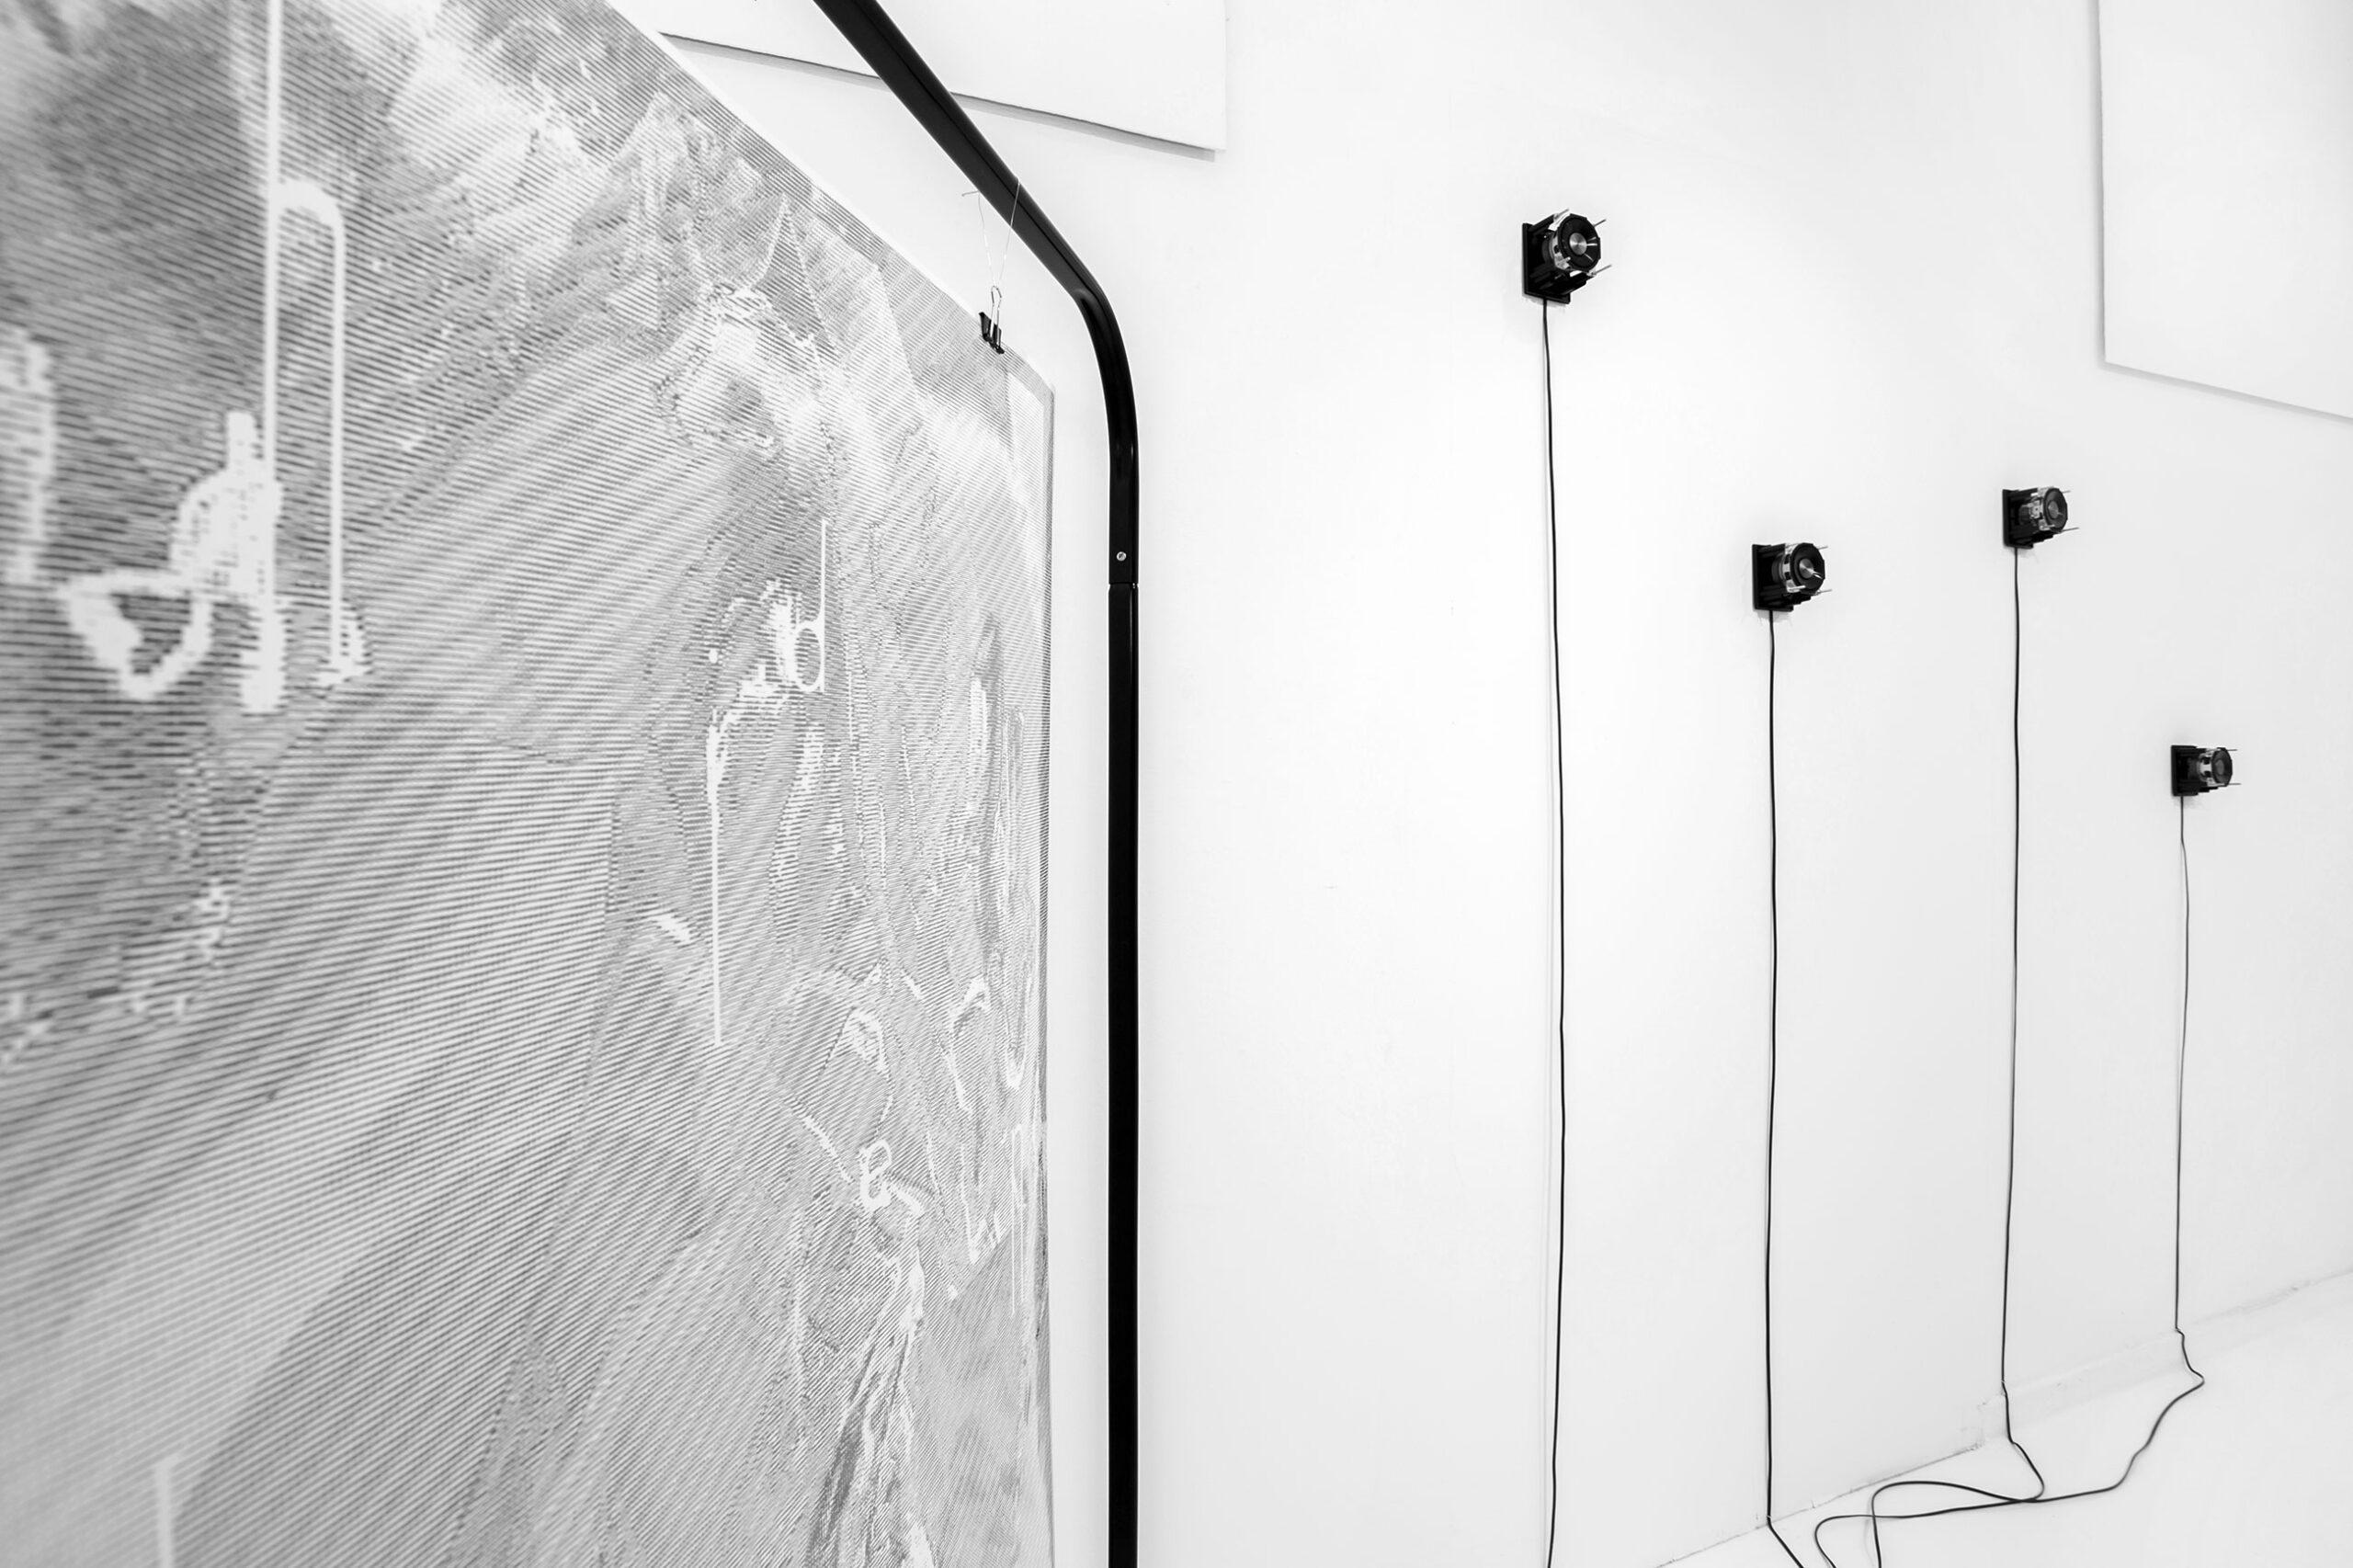 Jacek Doroszenko - Silent Souvenirs, exhibition detail 2, Galeria Wozownia, Toruń